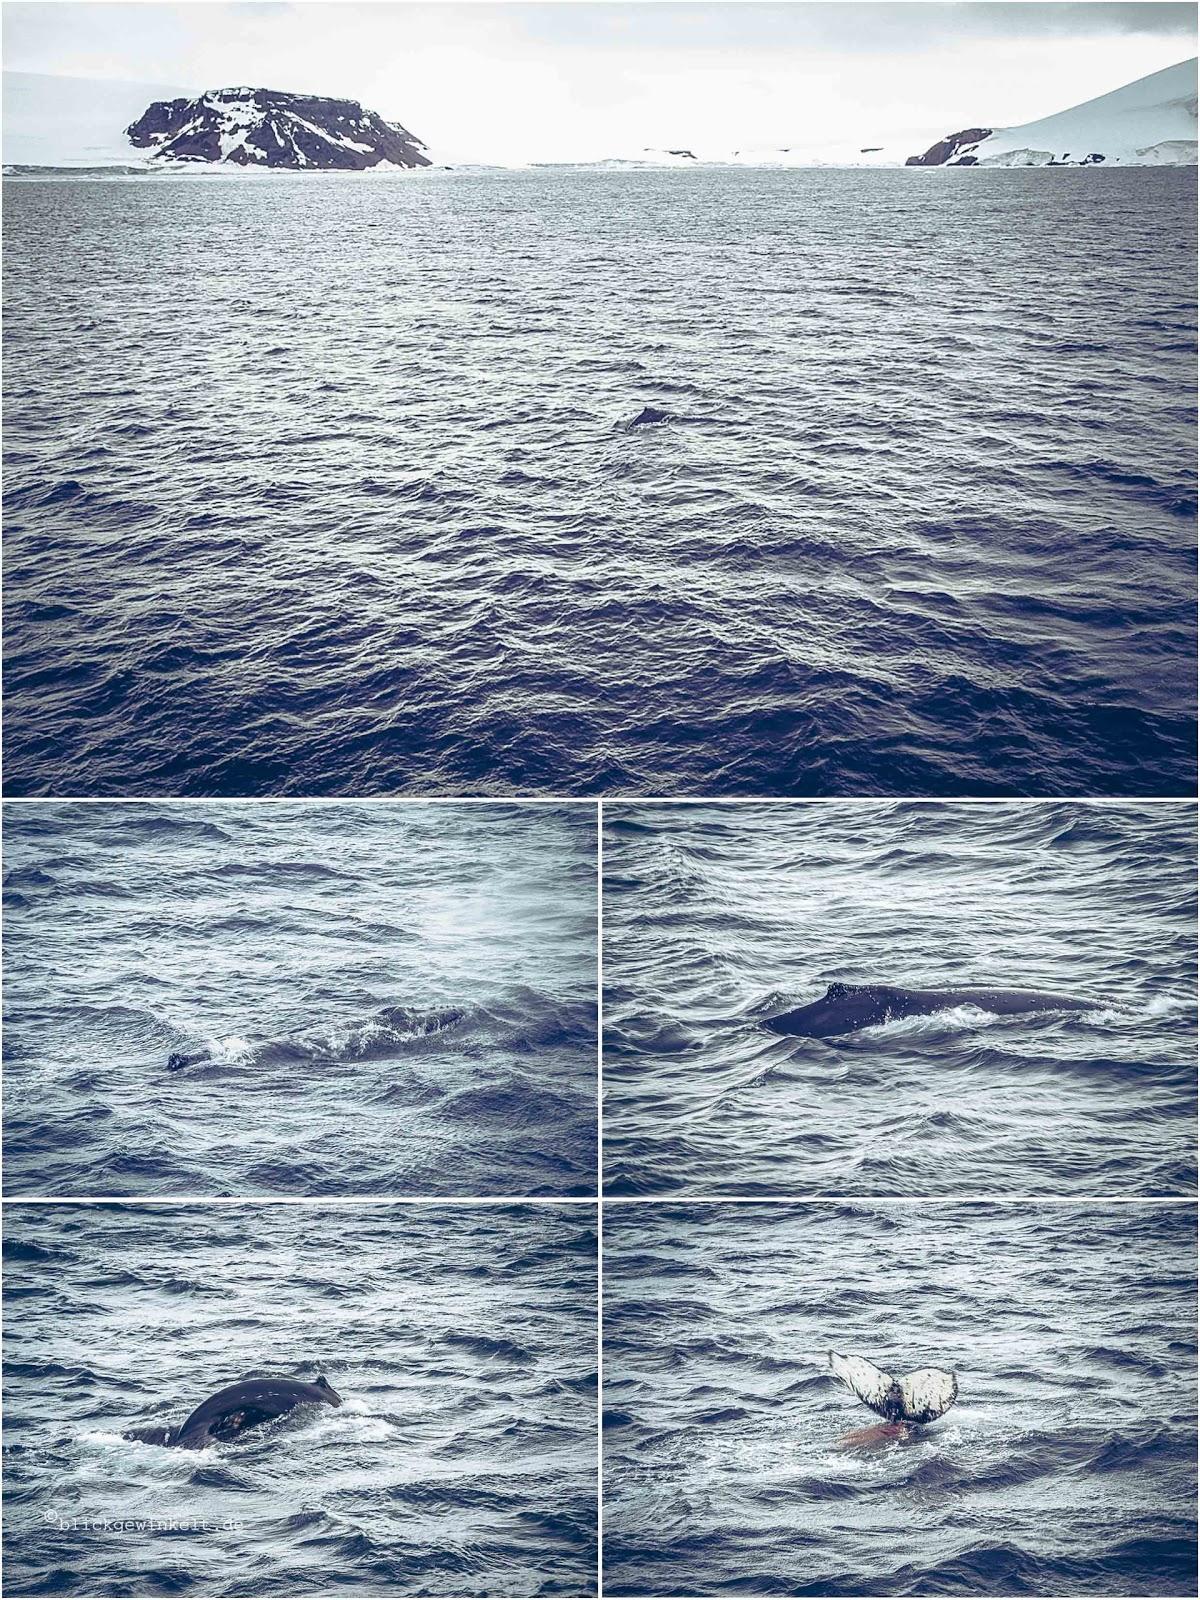 Walbilder mit rotem Krill